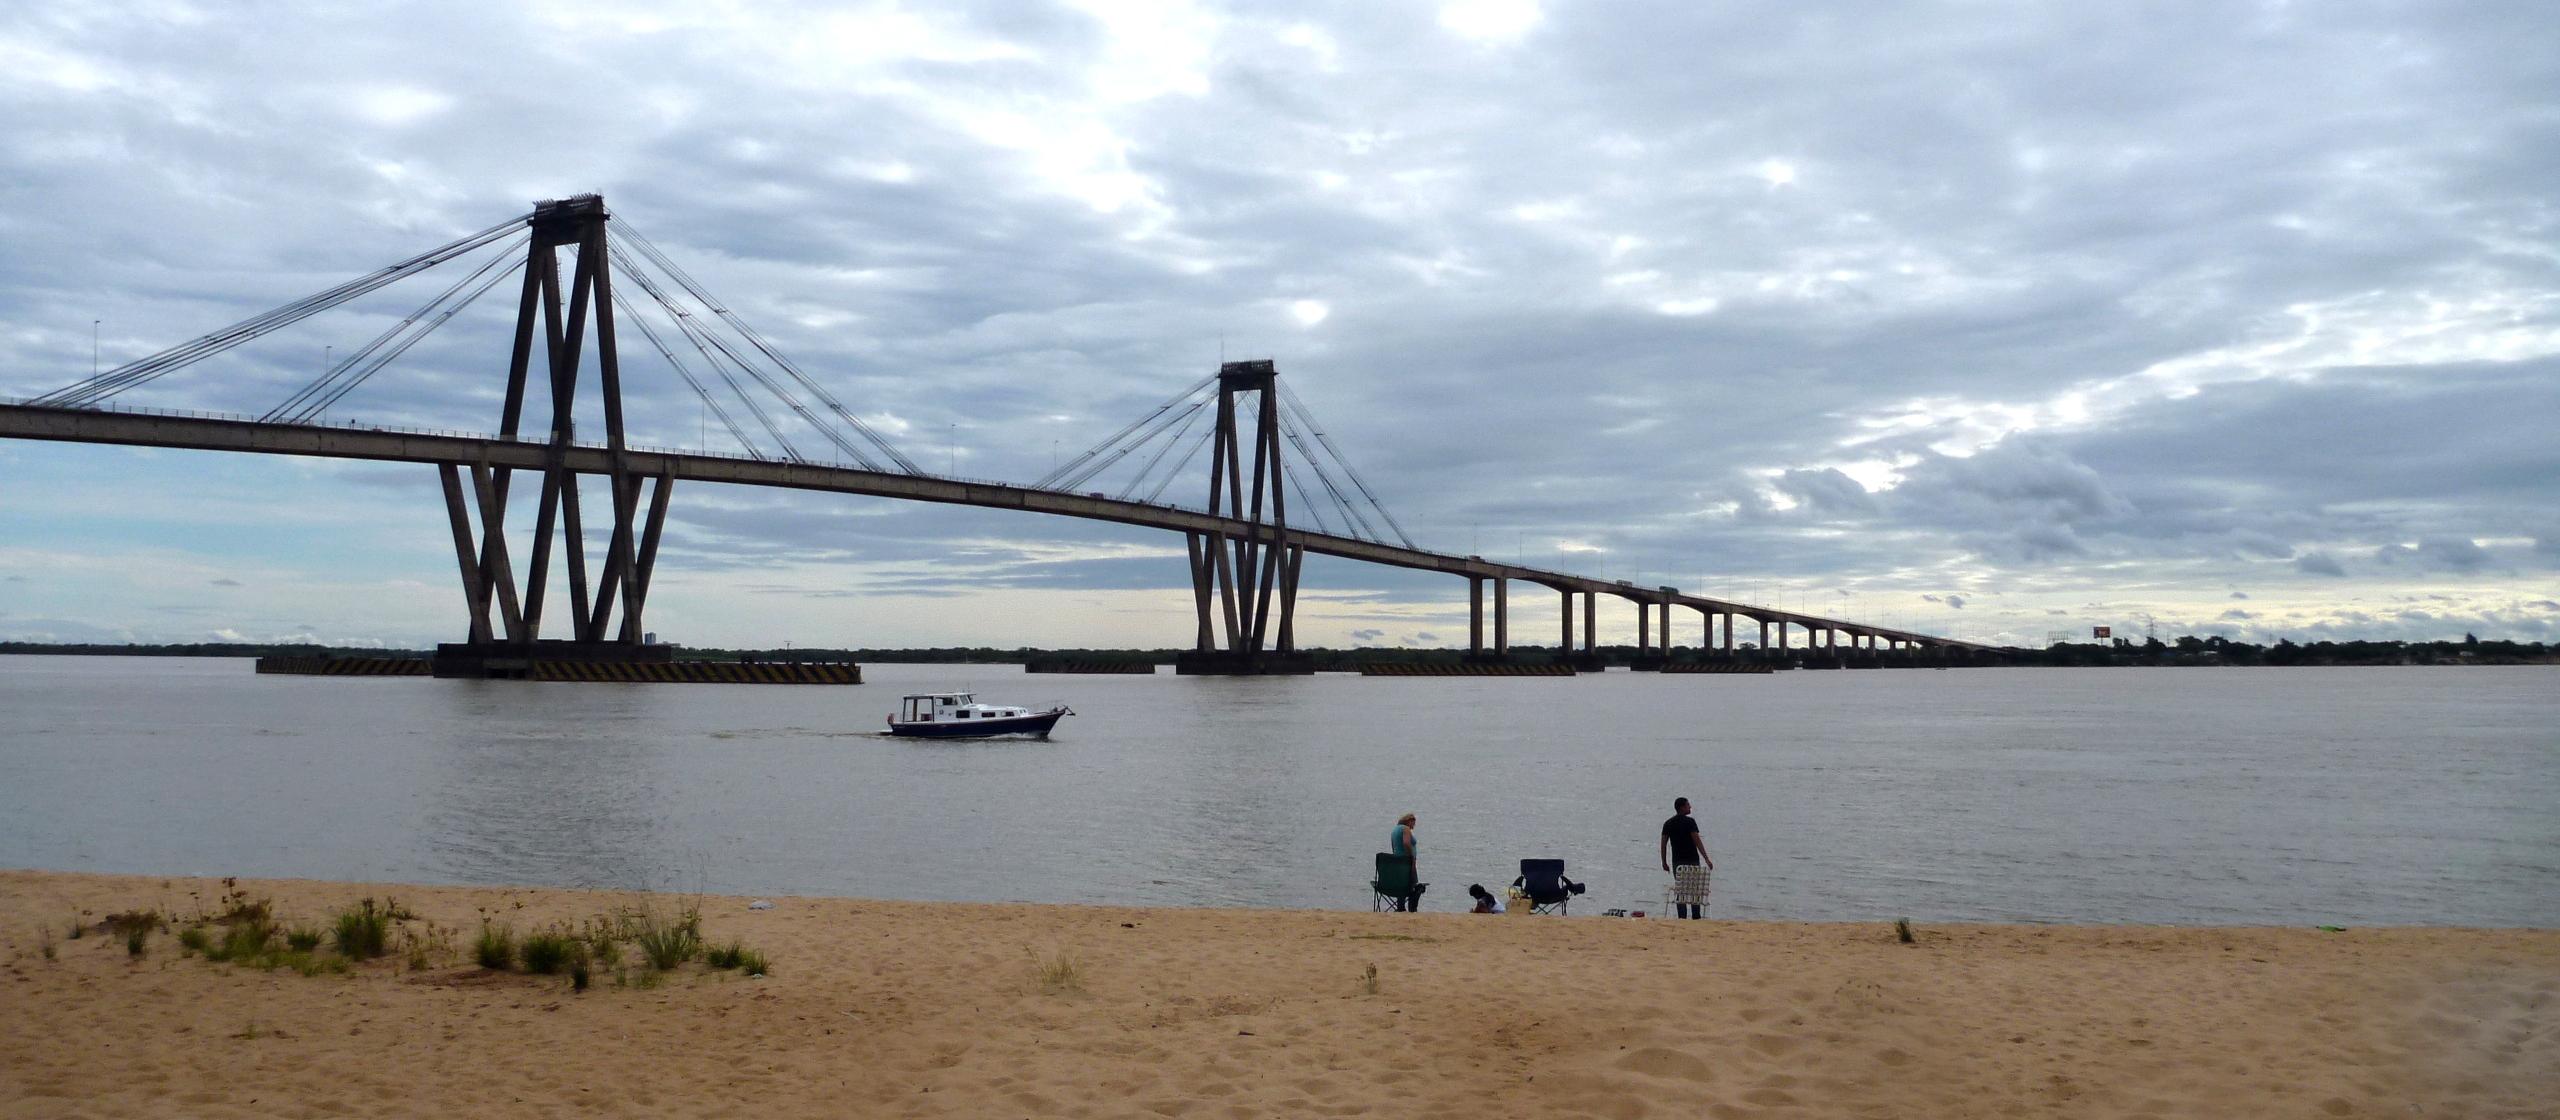 Corrientes, ciudad argentina hermanada con Estepa